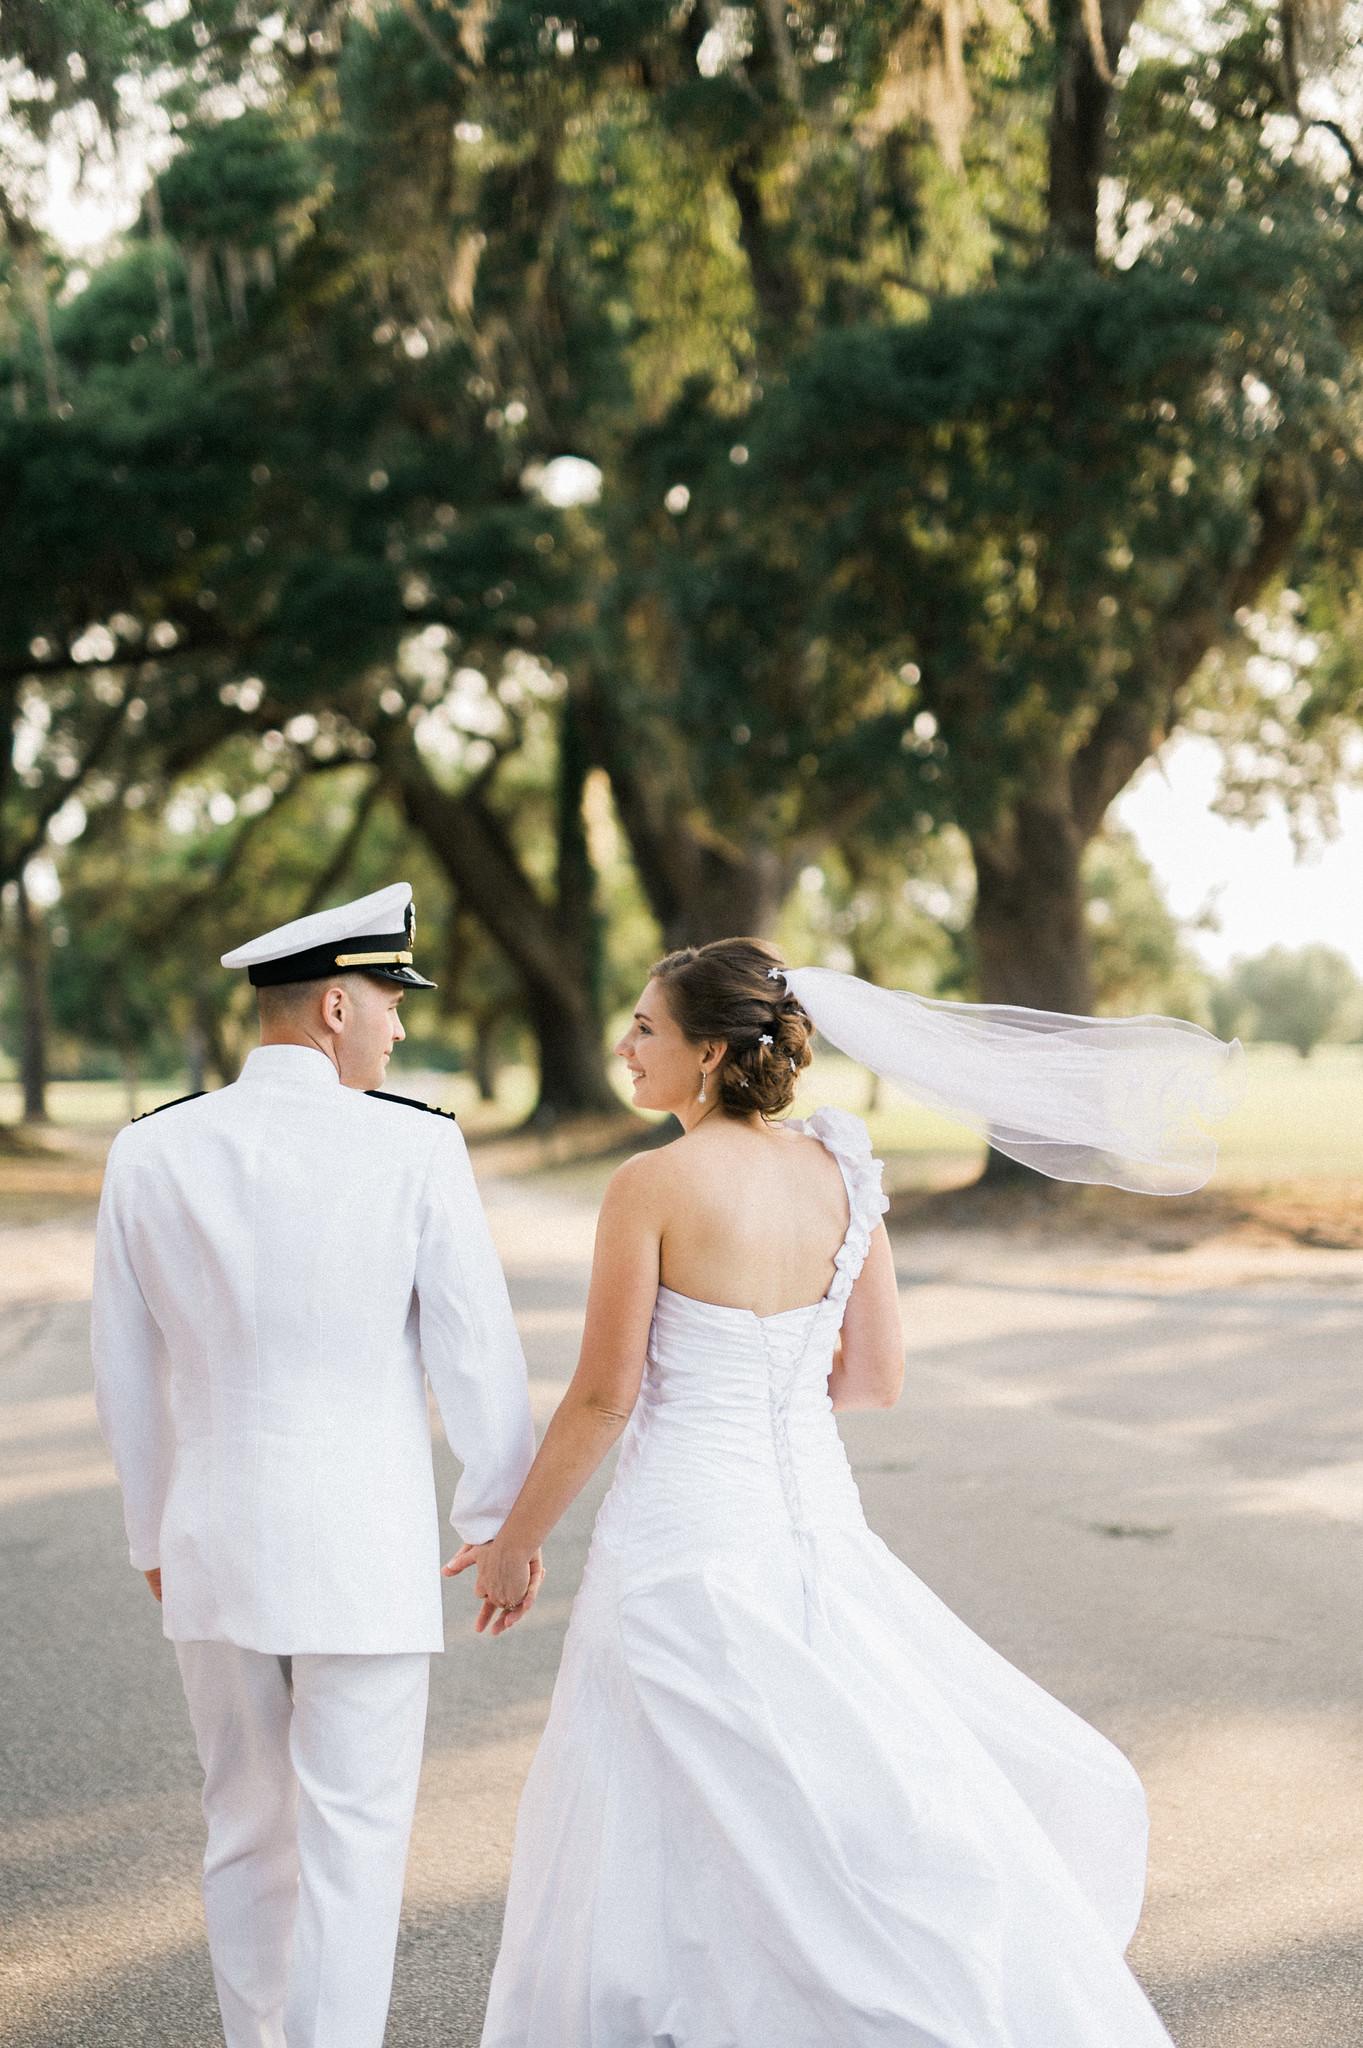 arthur-wedding-284-X4.jpg